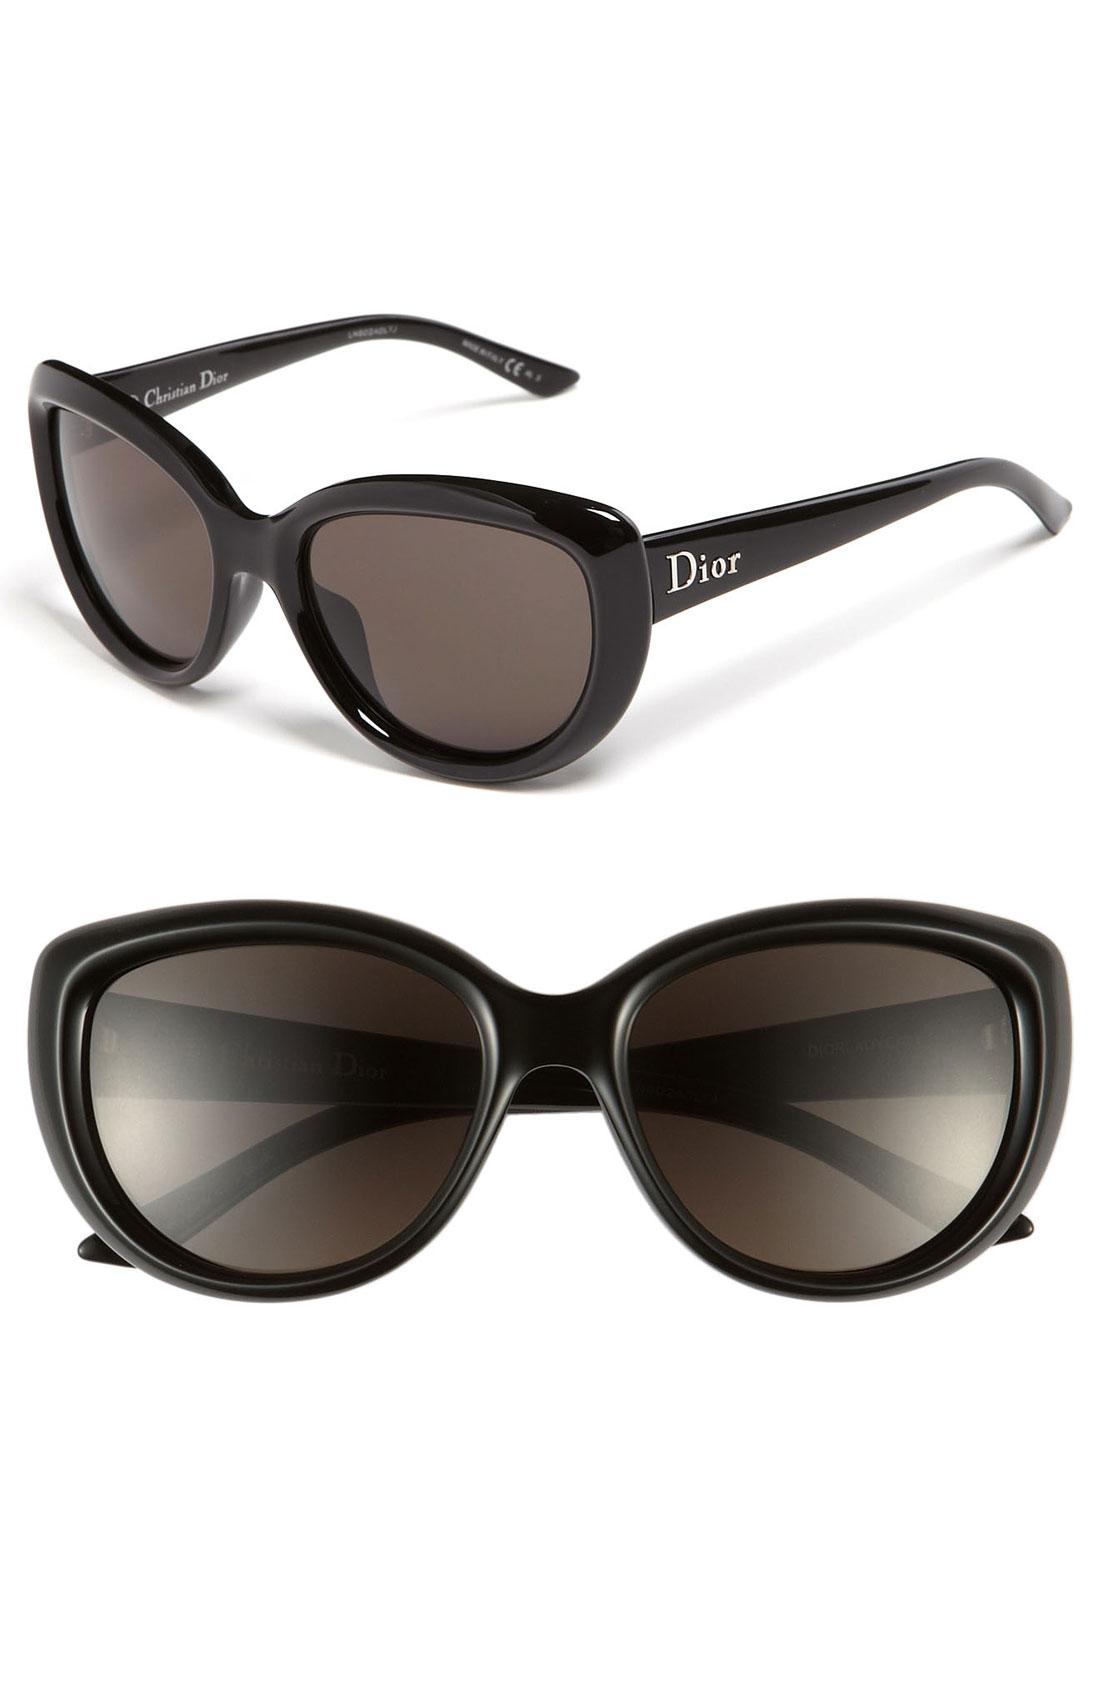 3aec9a1549ac Lady Dior Sunglasses Gls Blue Black